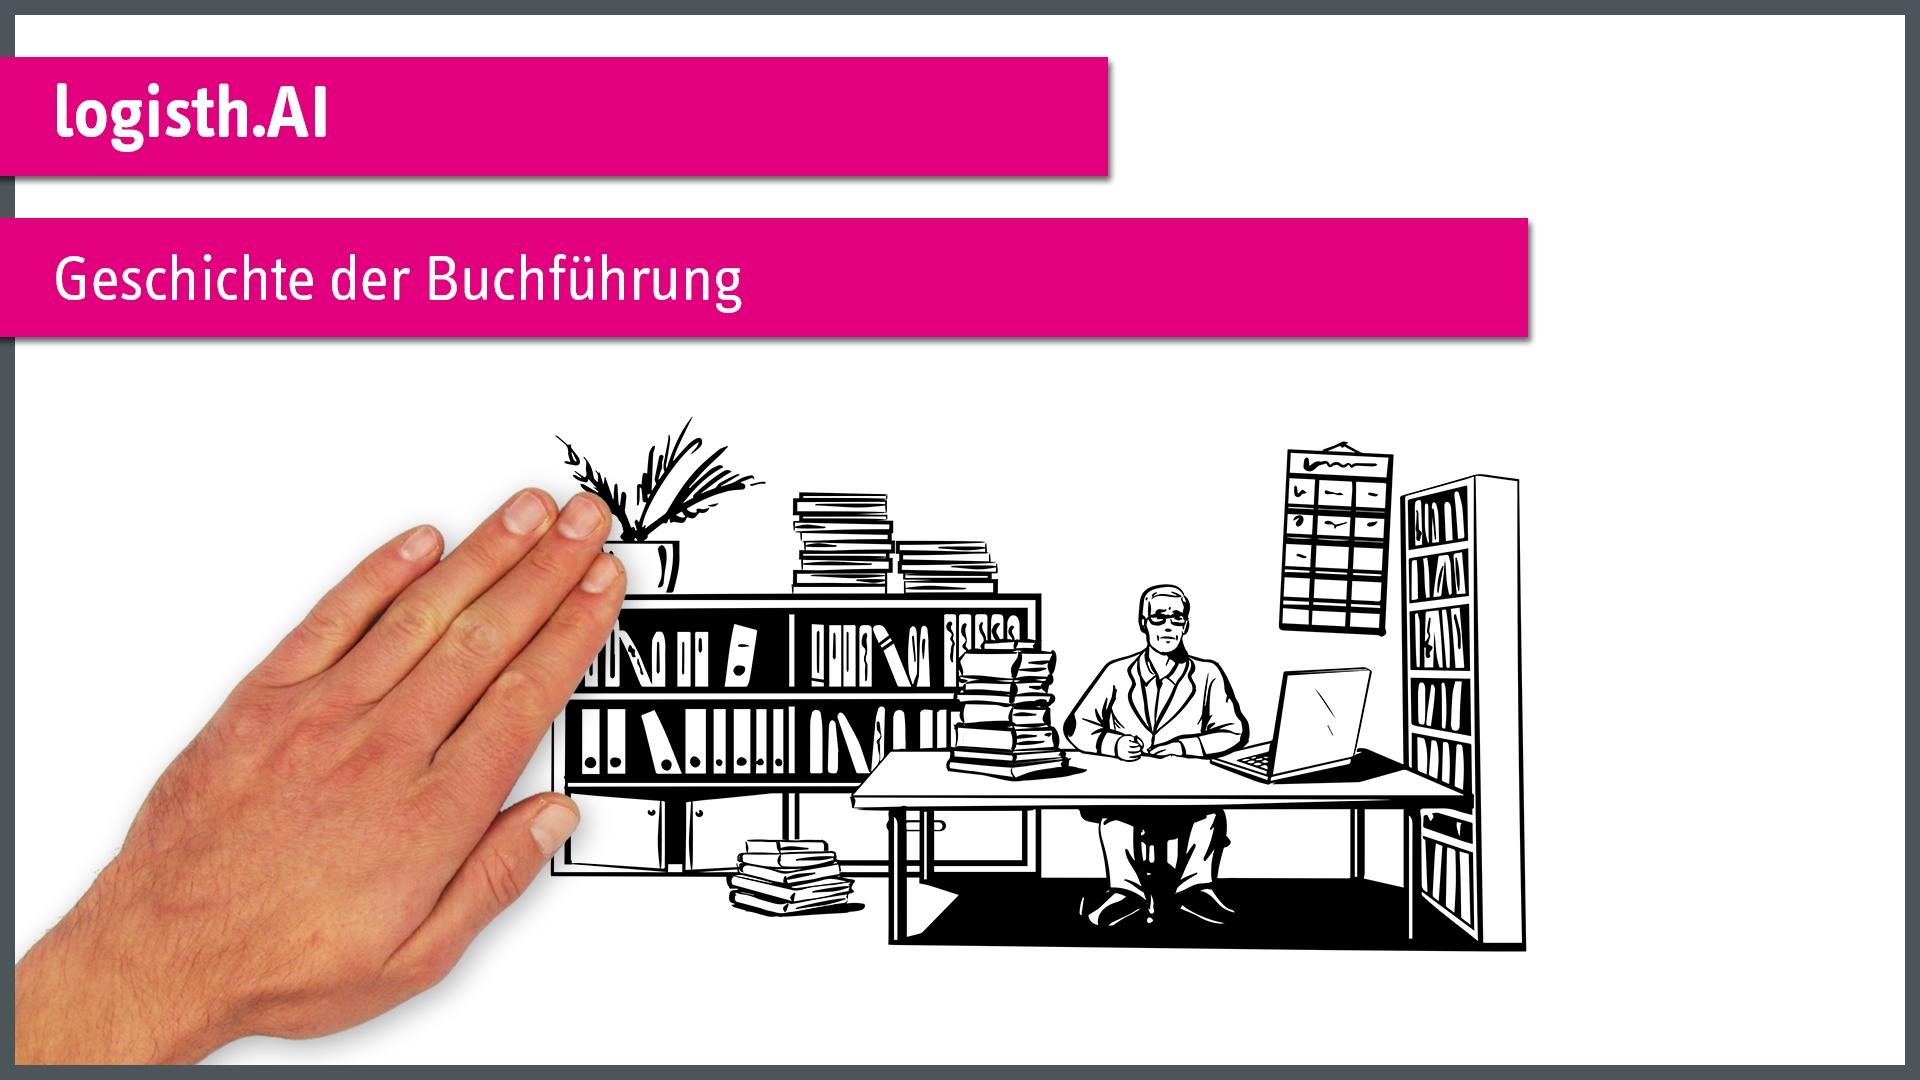 """""""Geschichte der Buchführung"""" einfach erklärt"""